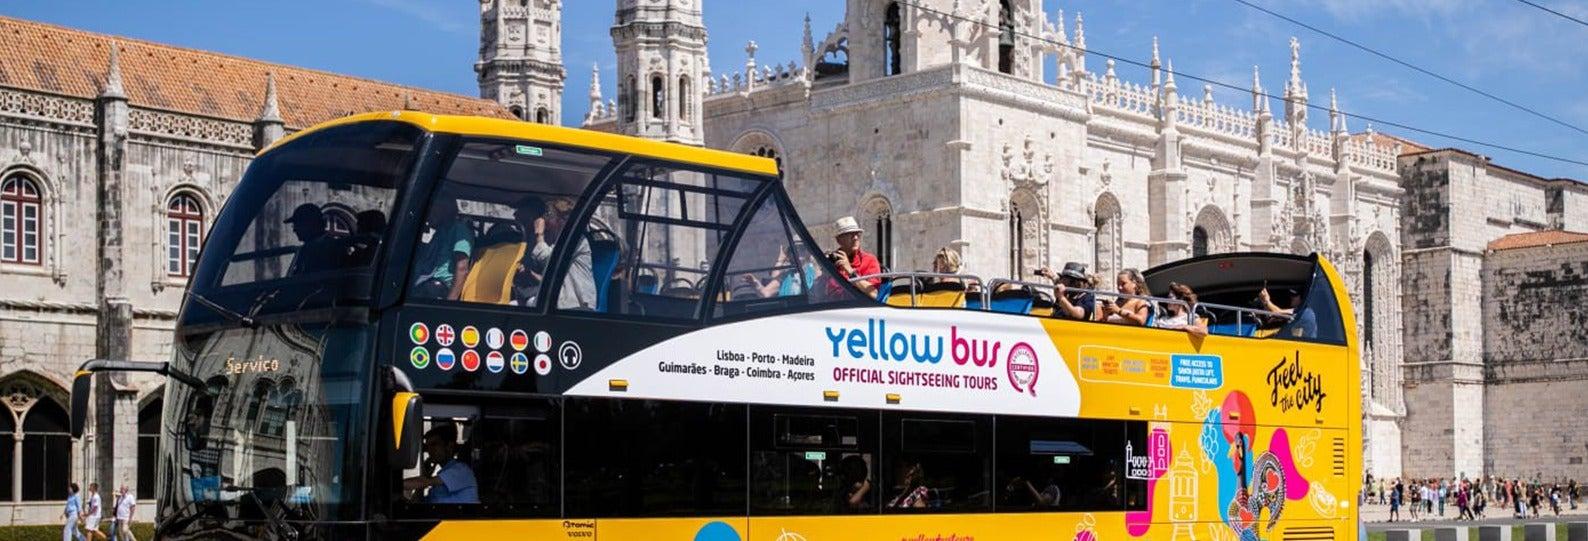 Autobus turistico di Lisbona